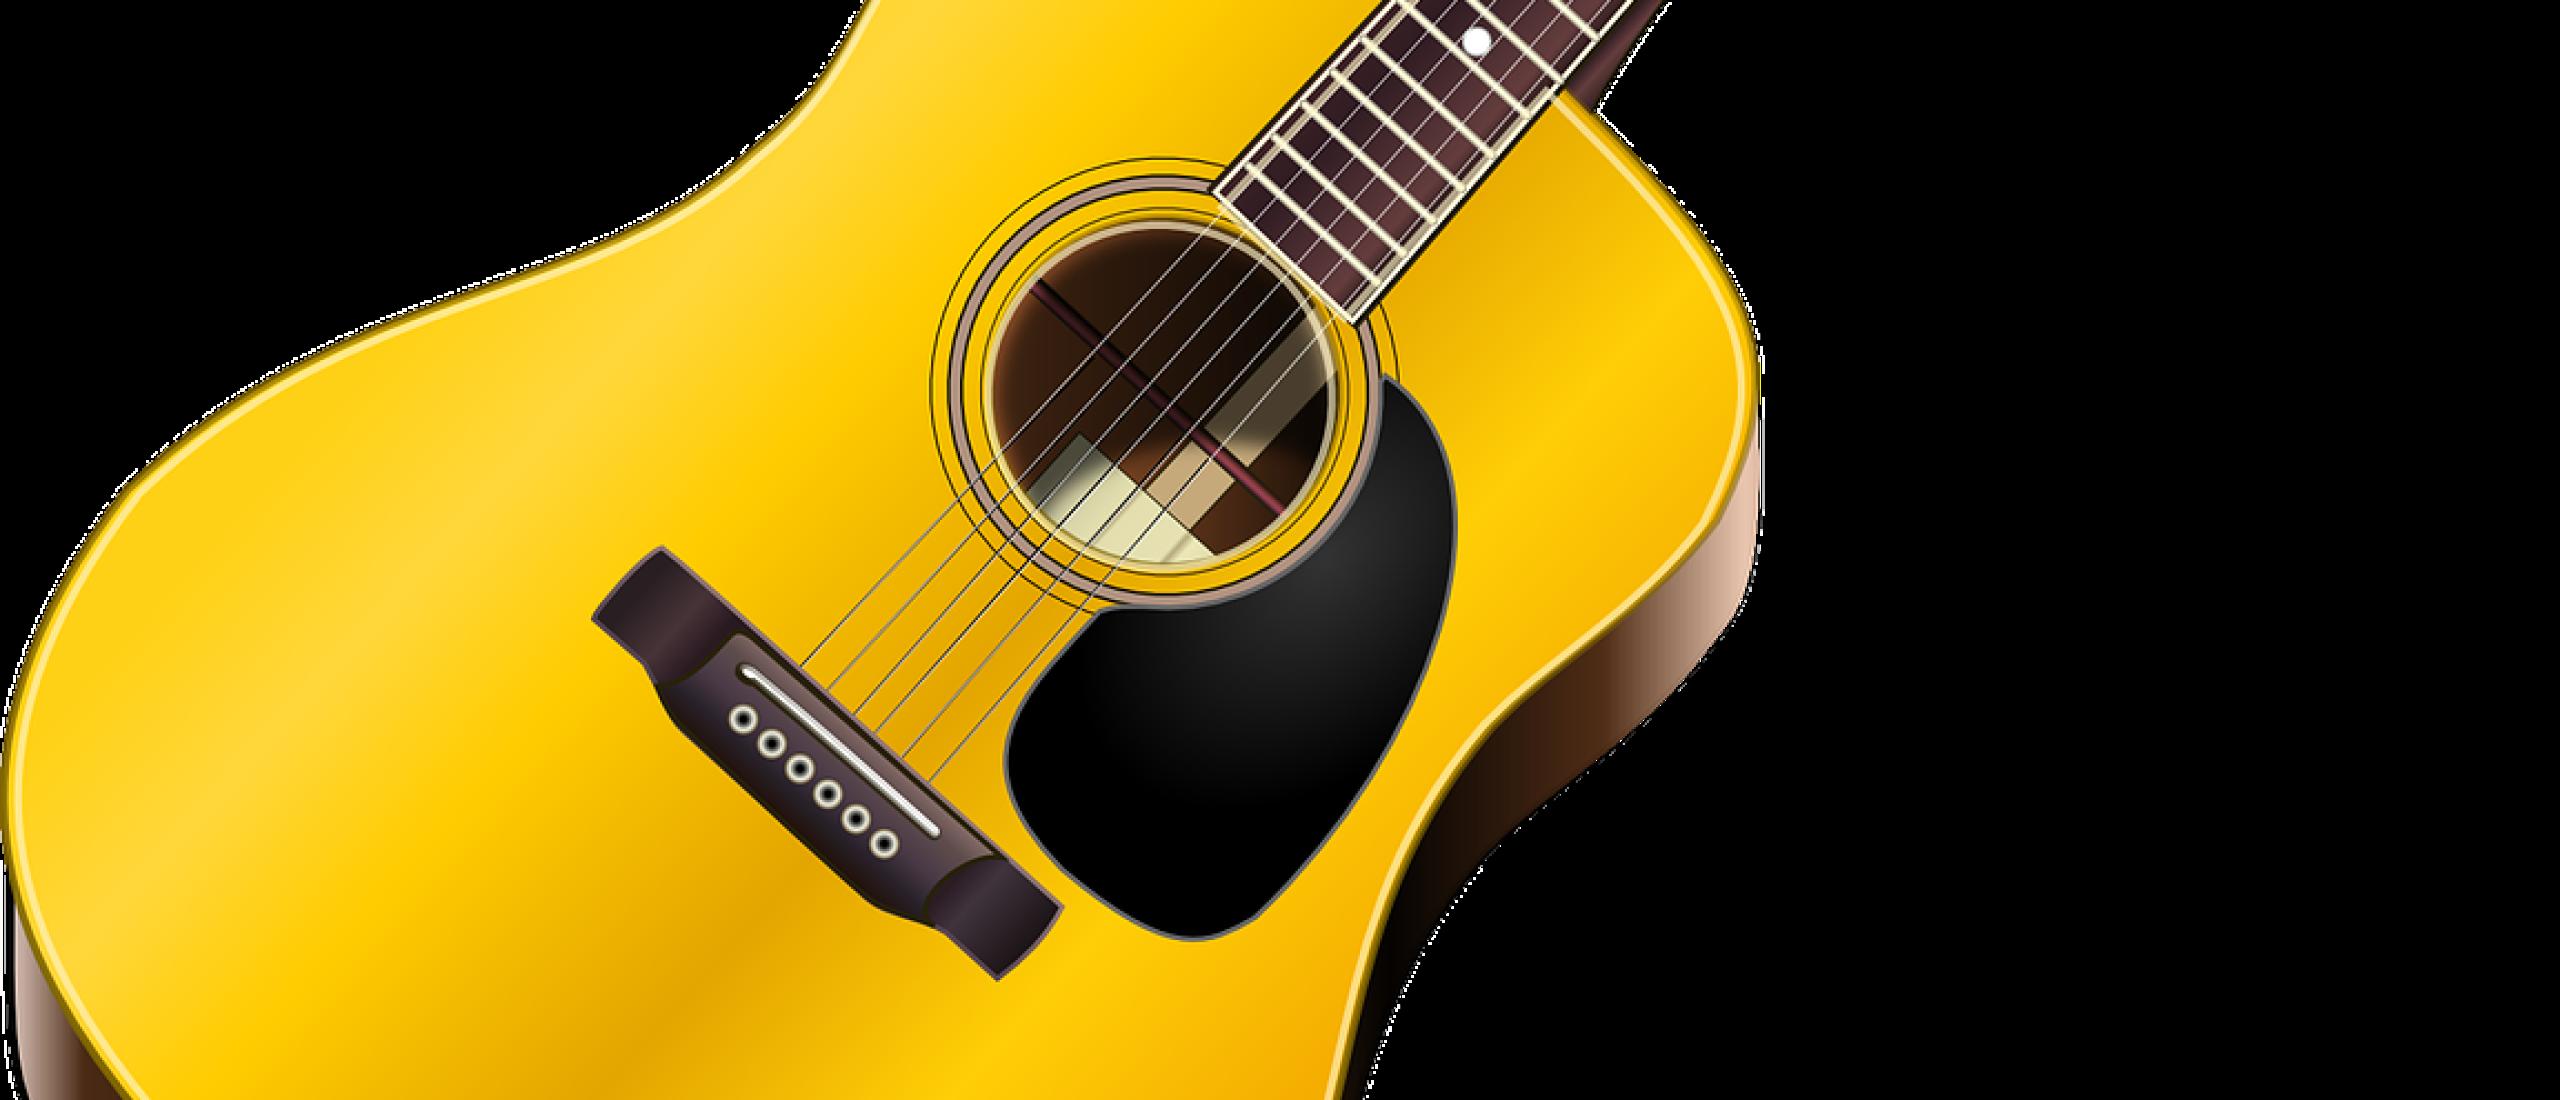 De akoestische gitaar: zelf de slagplaat vervangen